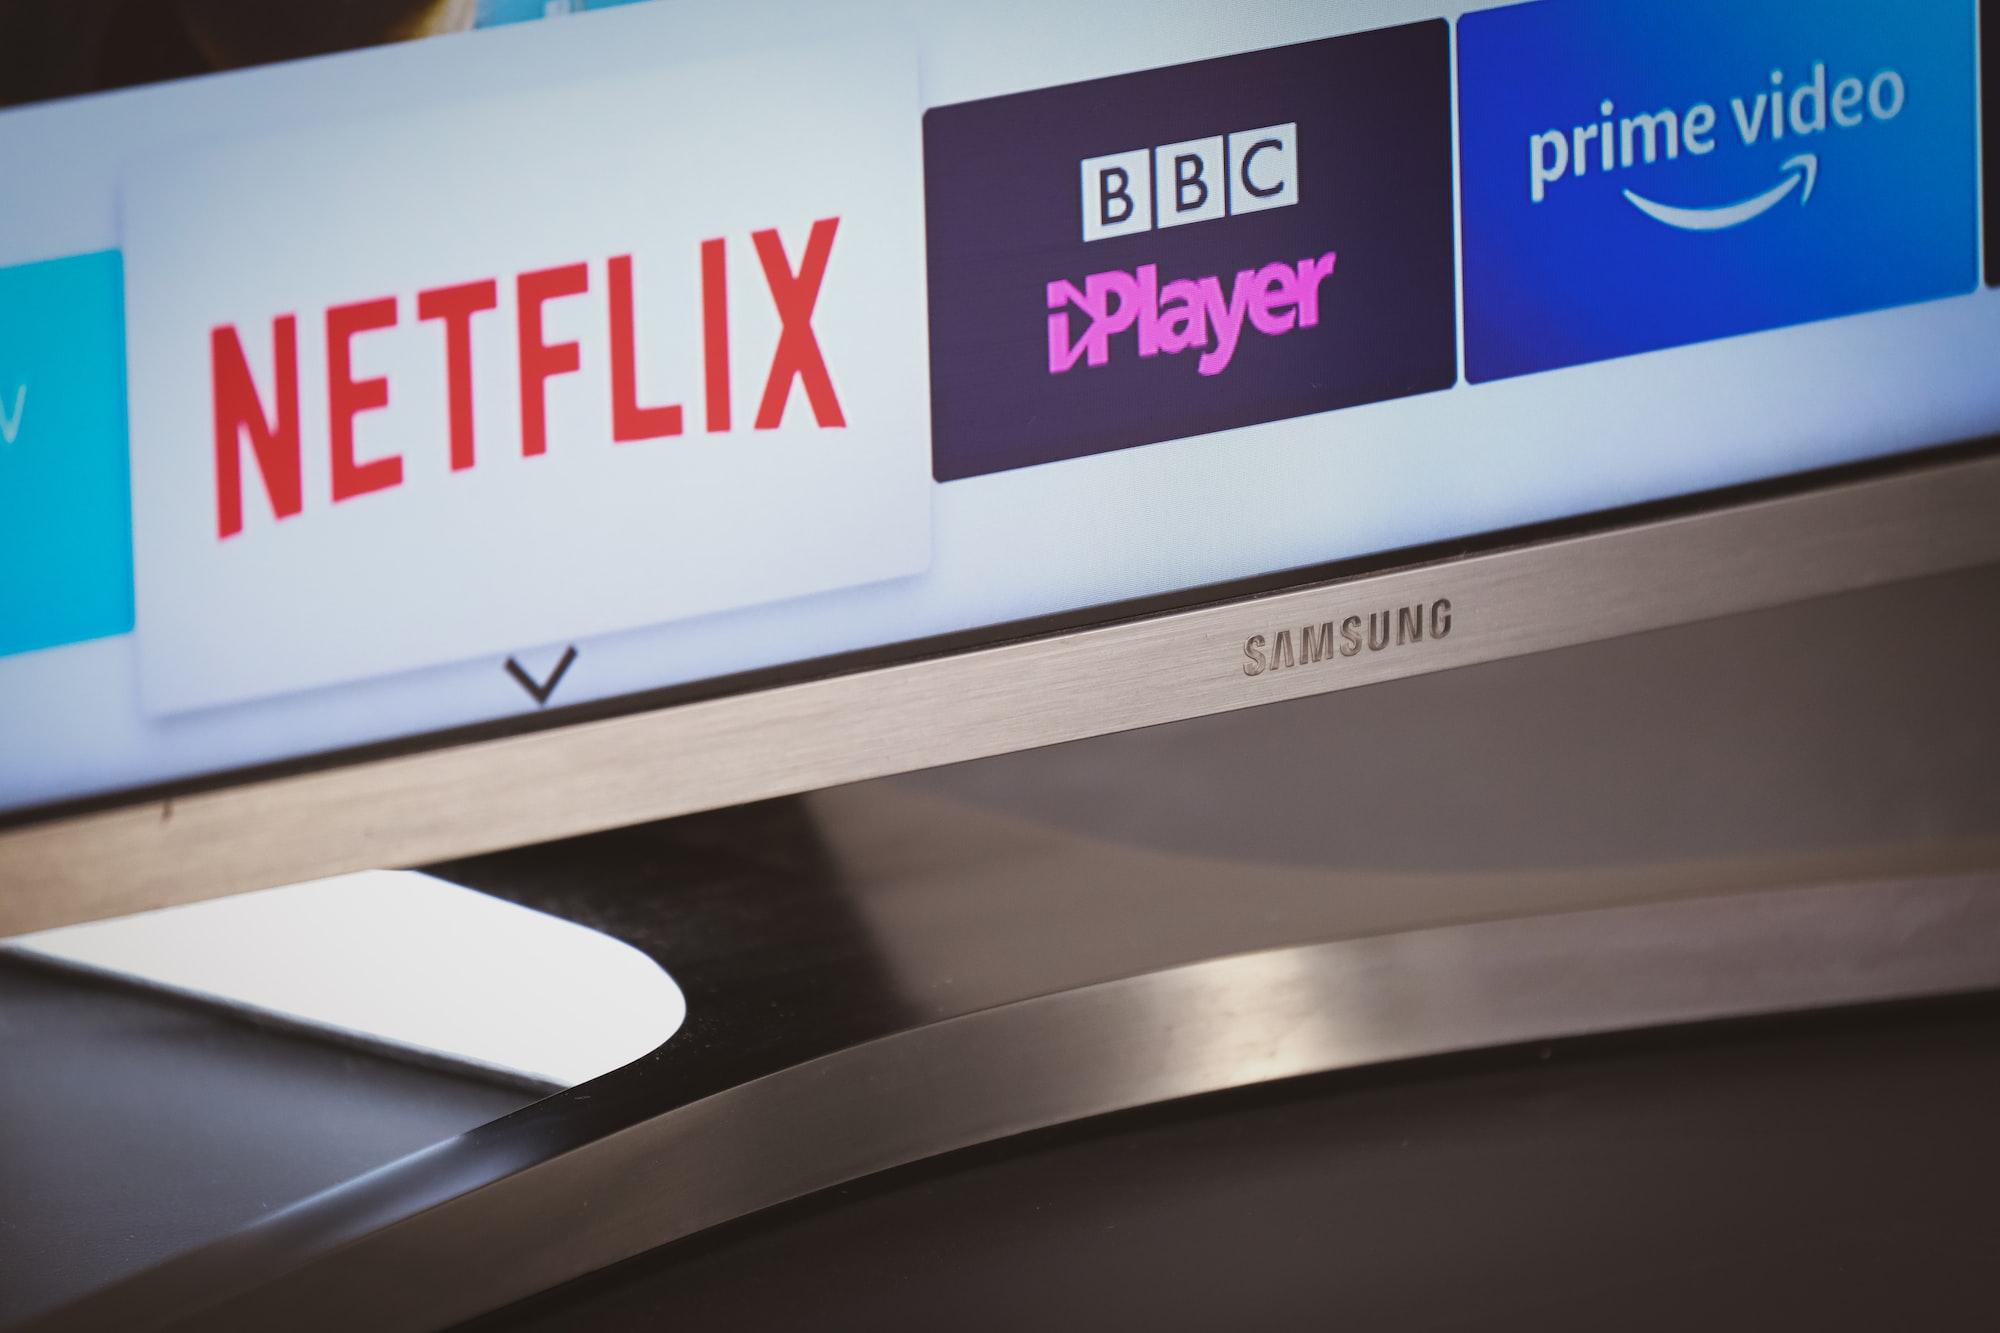 Samsung planeja nova entrada no setor de jogos em nuvem